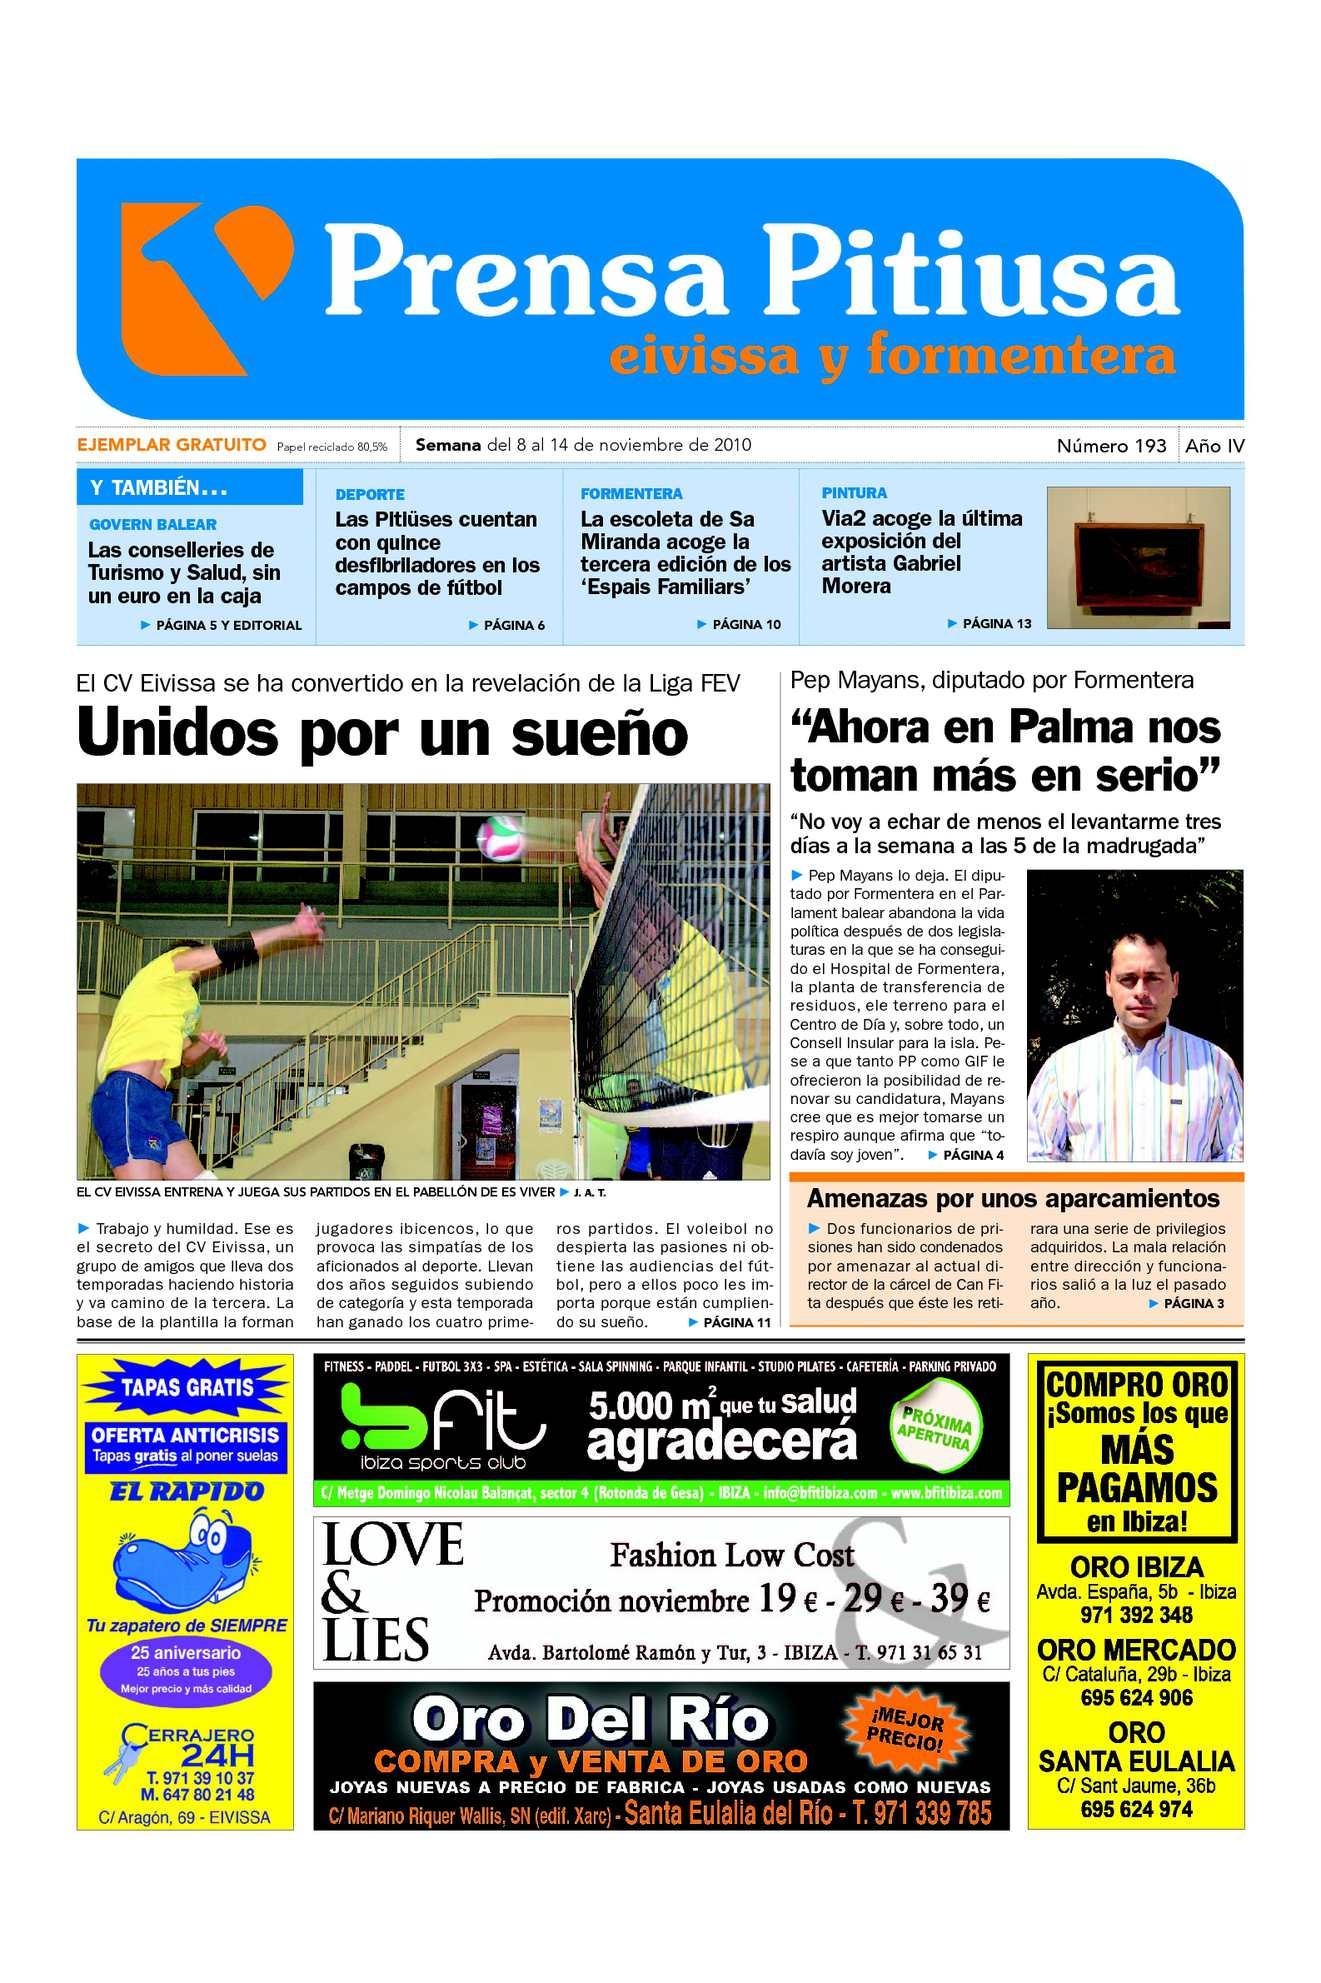 Calaméo - Prensa Pitiusa edición 193